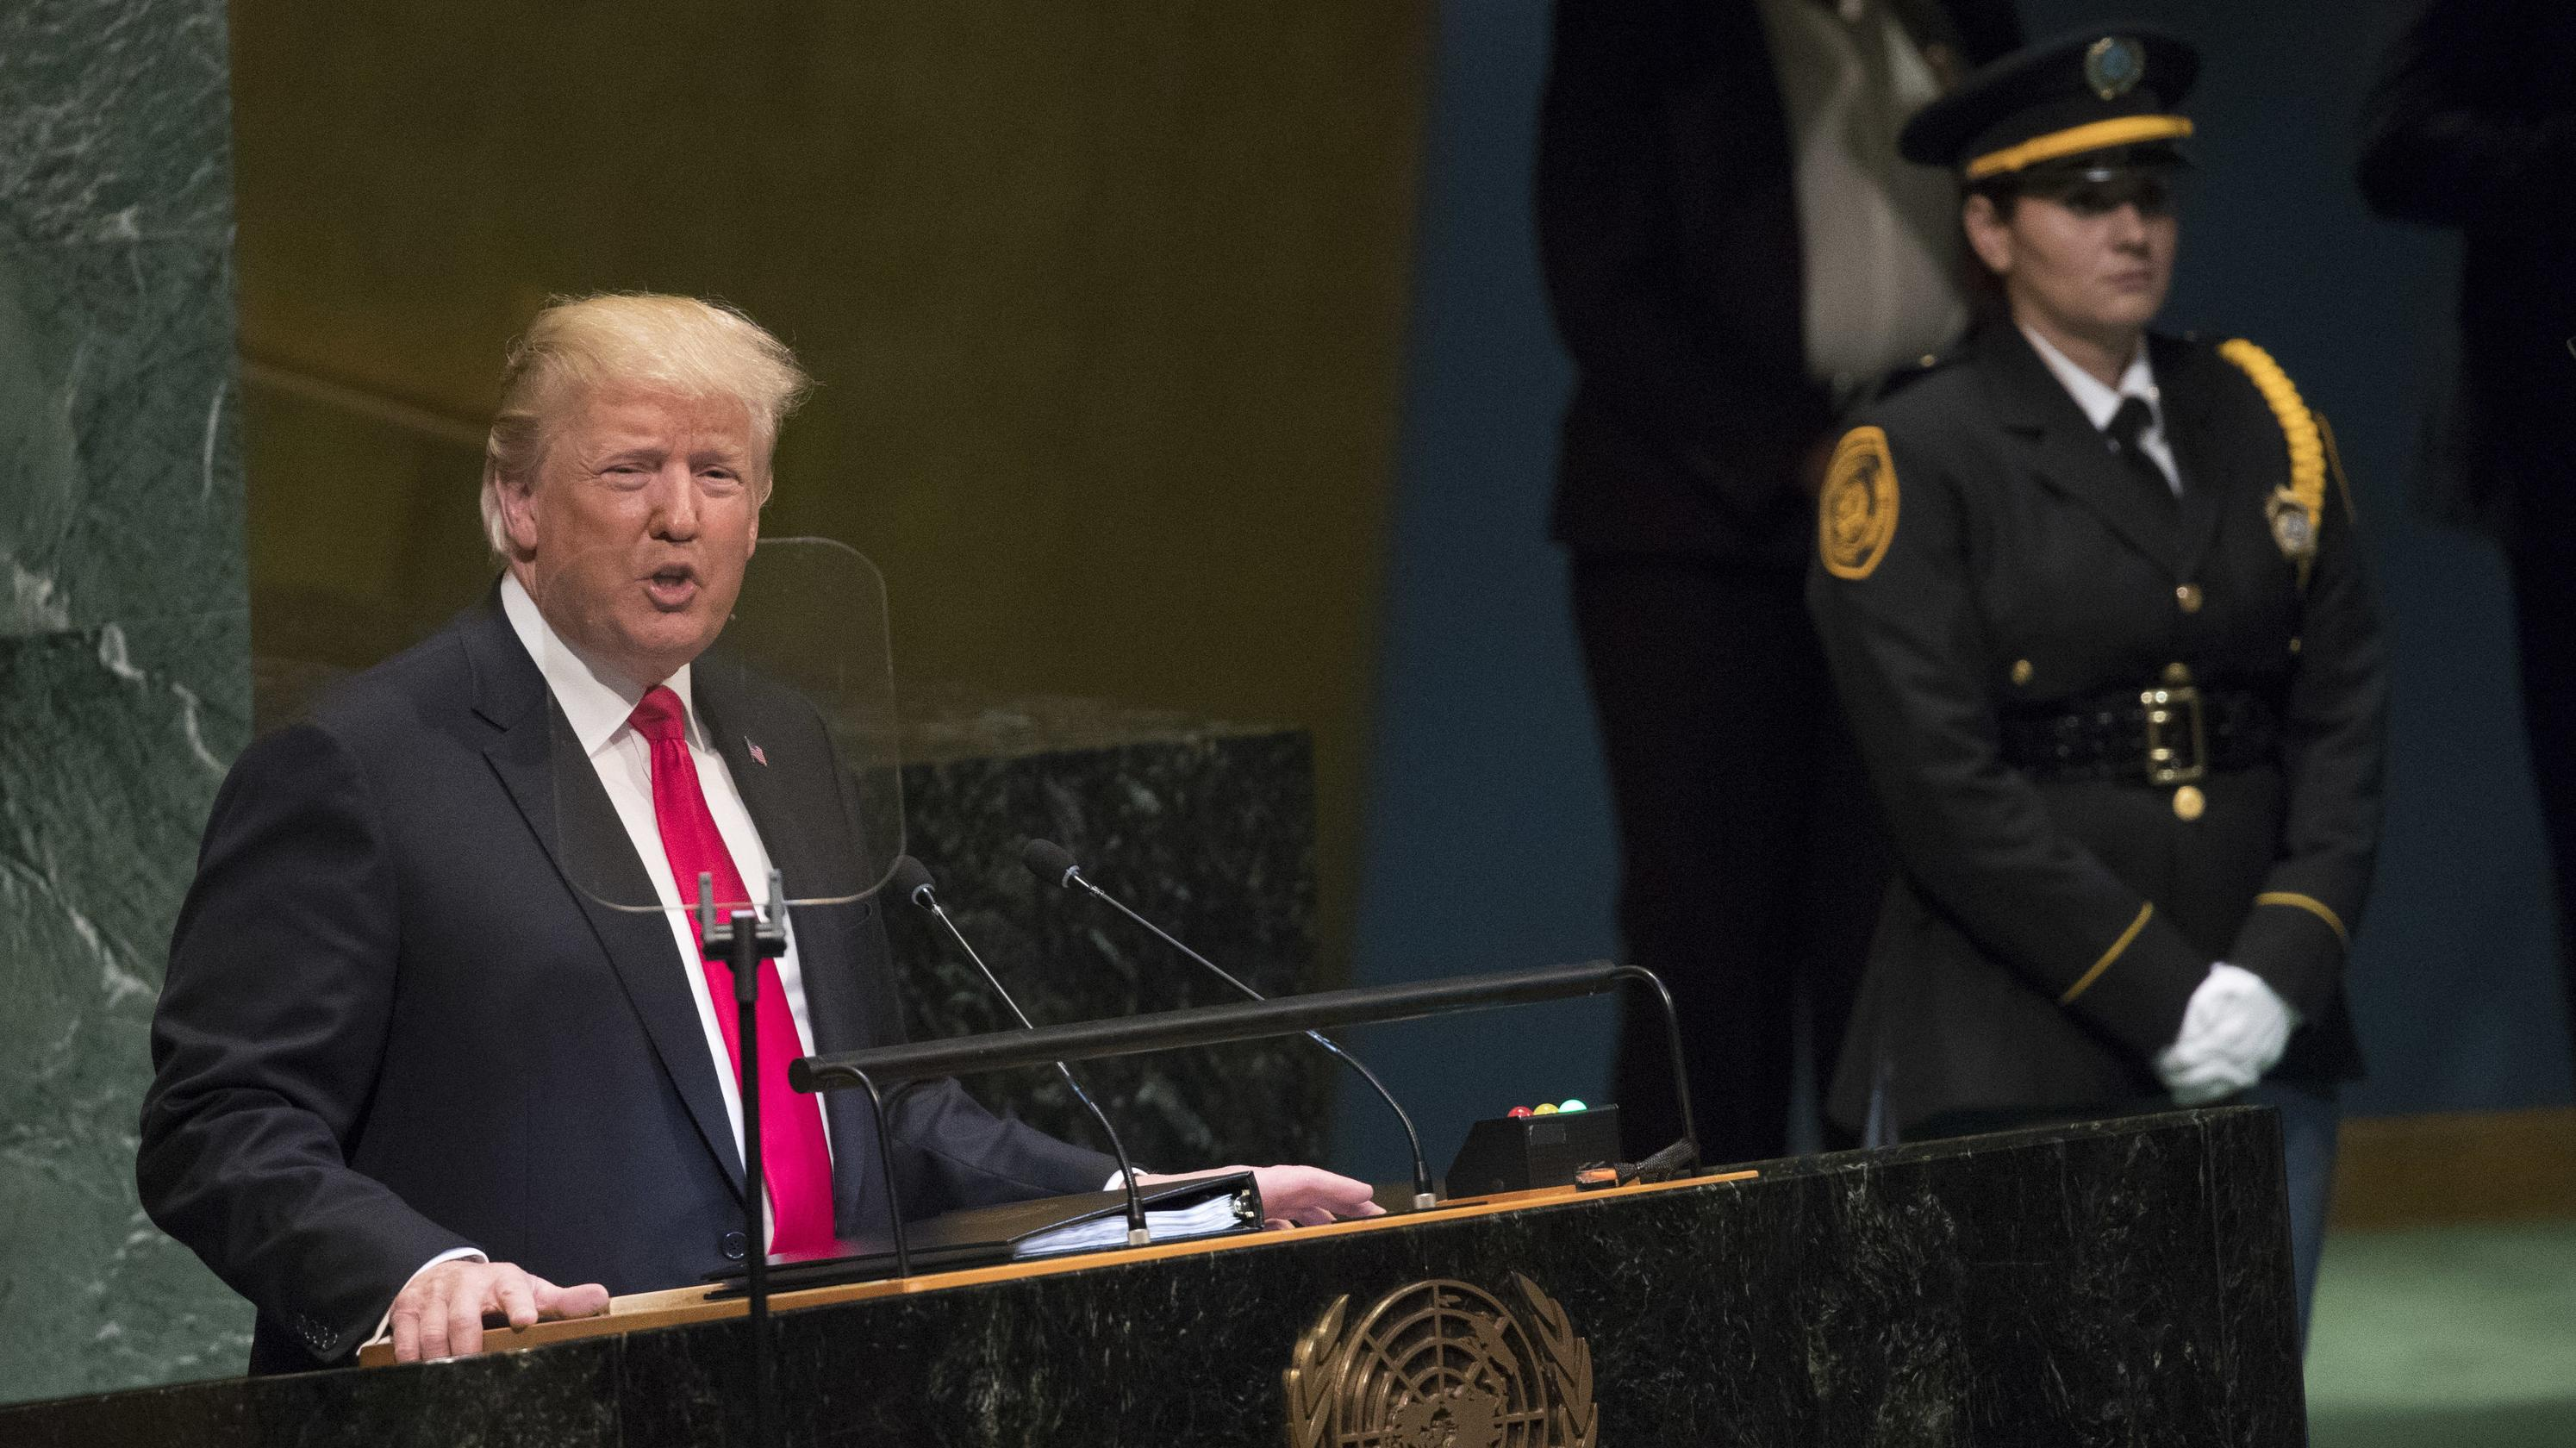 25.09.2018, USA, New York: Donald Trump, Präsident der USA, spricht bei der Generaldebatte der UN-Vollversammlung.